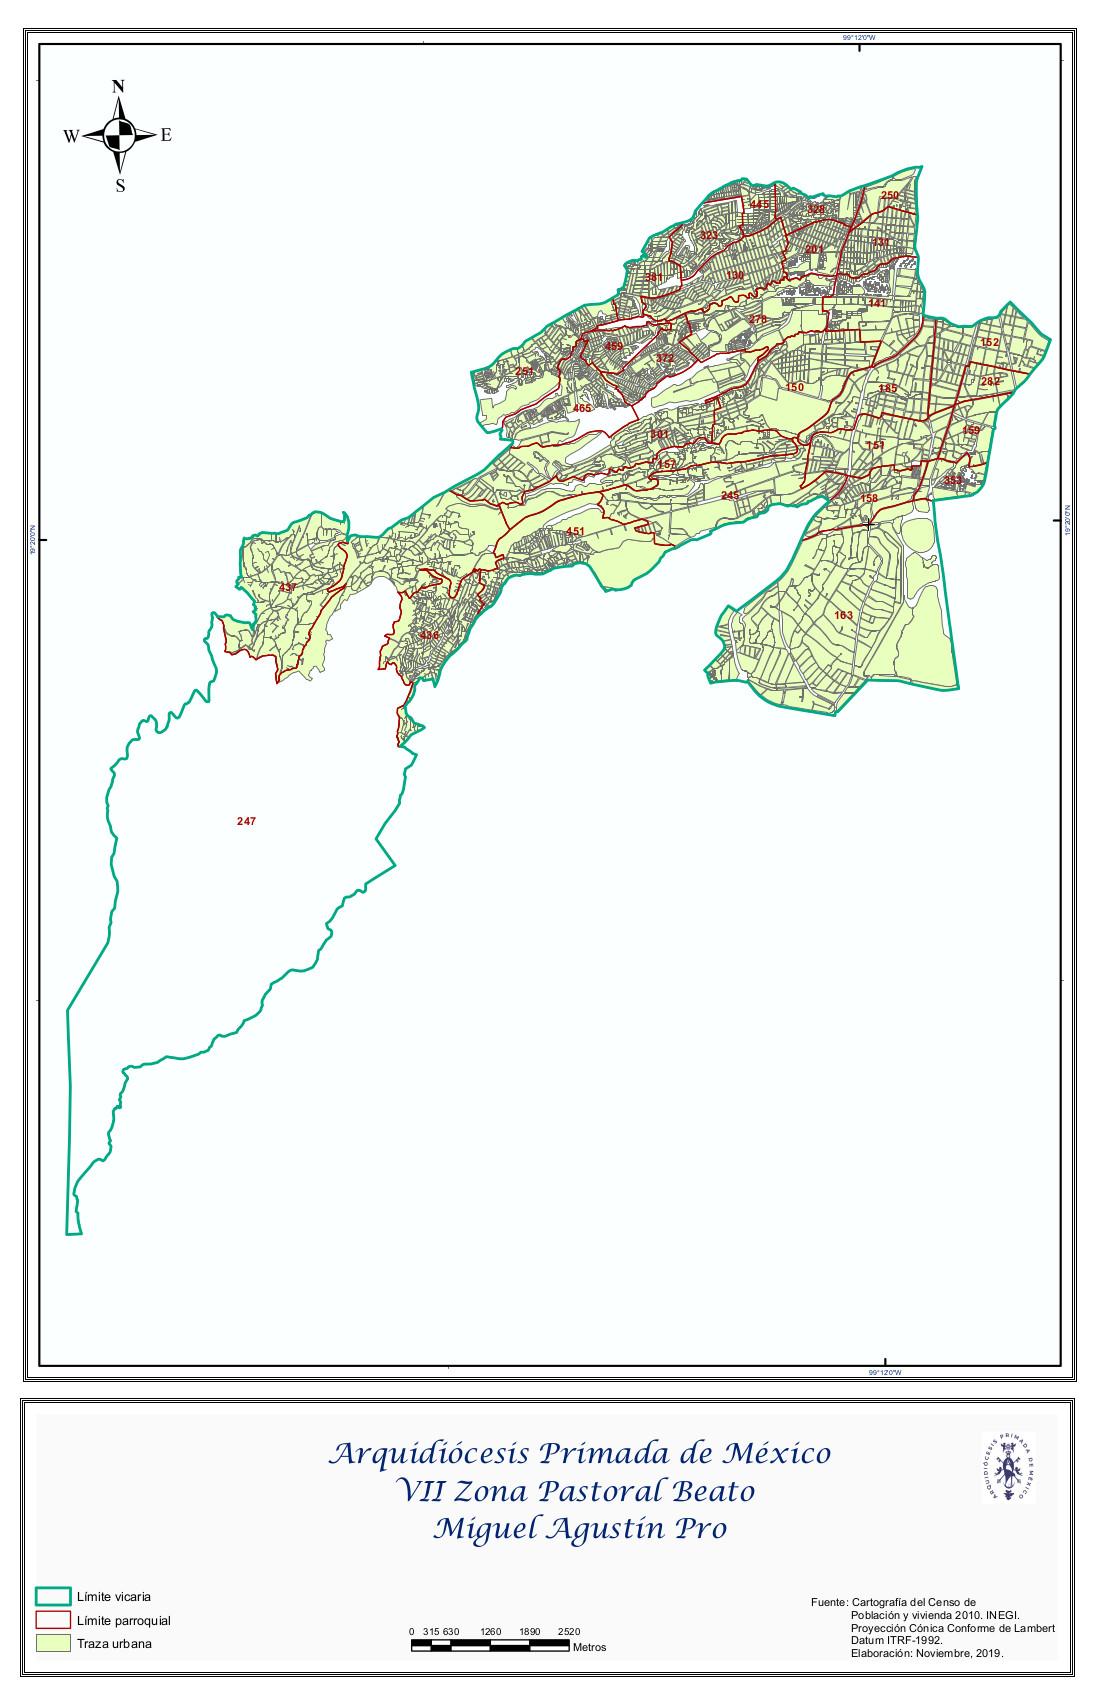 VII Zona Pastoral